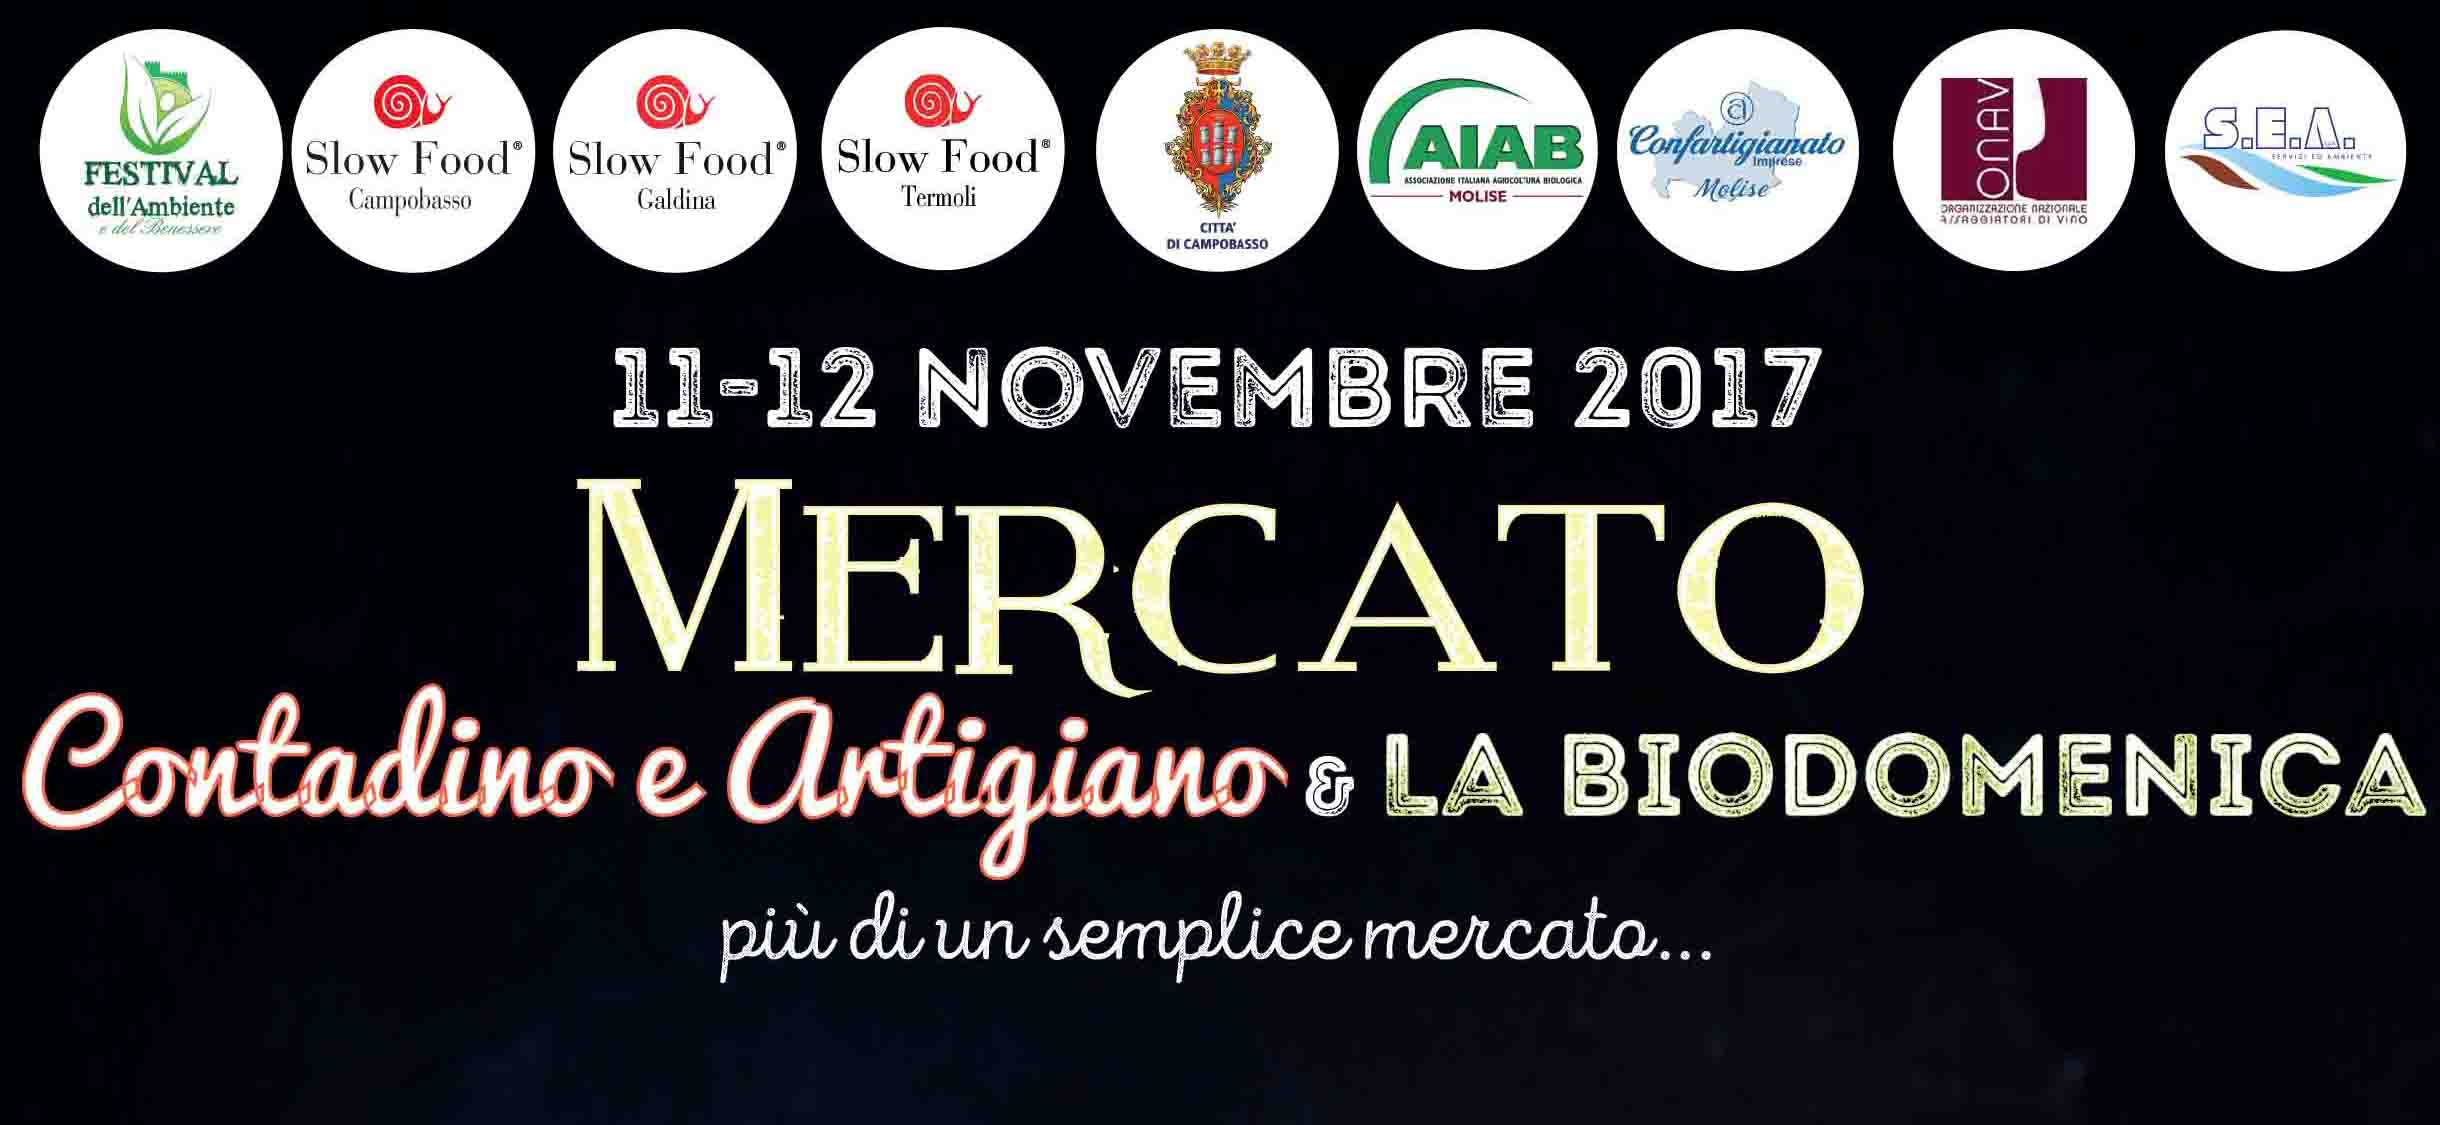 Promuovere stili alimentari sostenibili, a Campobasso la Biodomenica